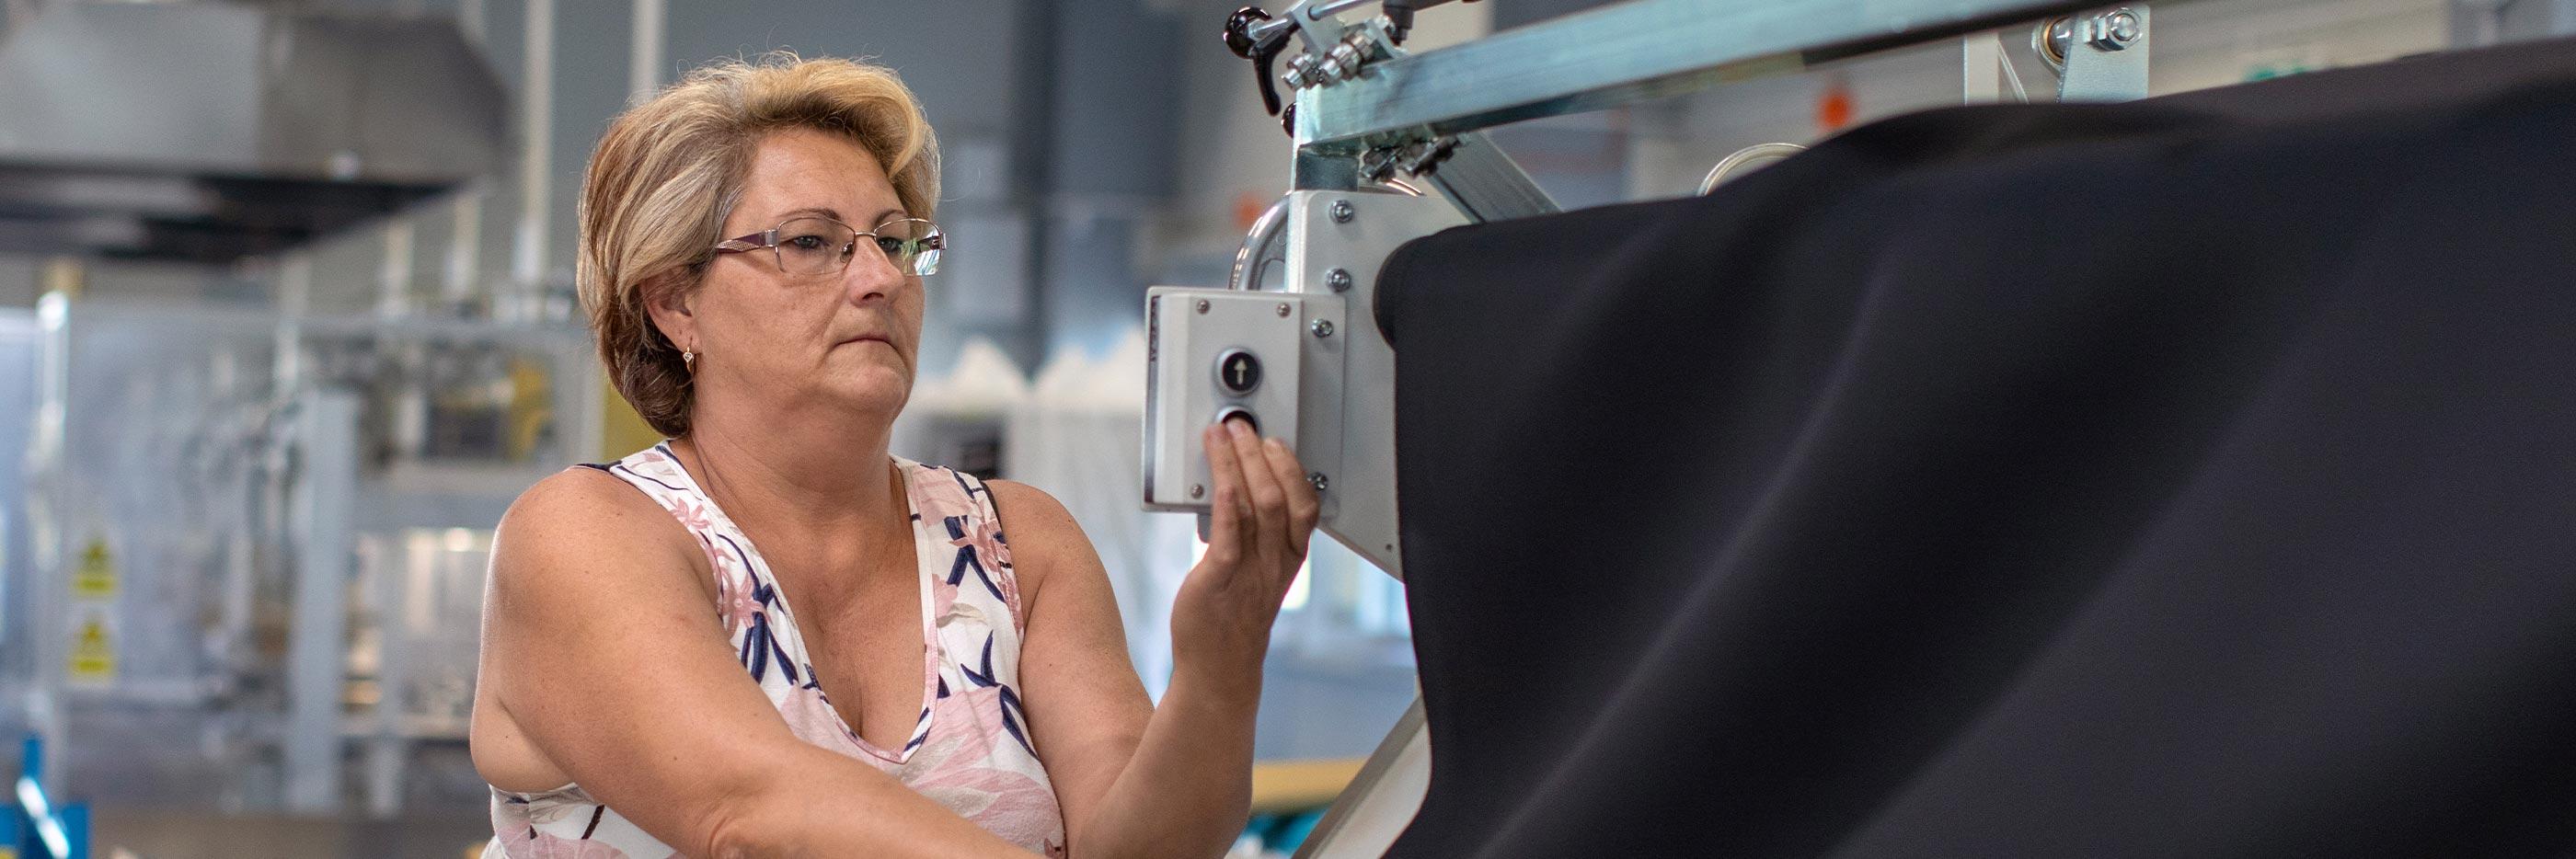 Medewerkster bedient een snijmachine met donkere stof erop | mey®